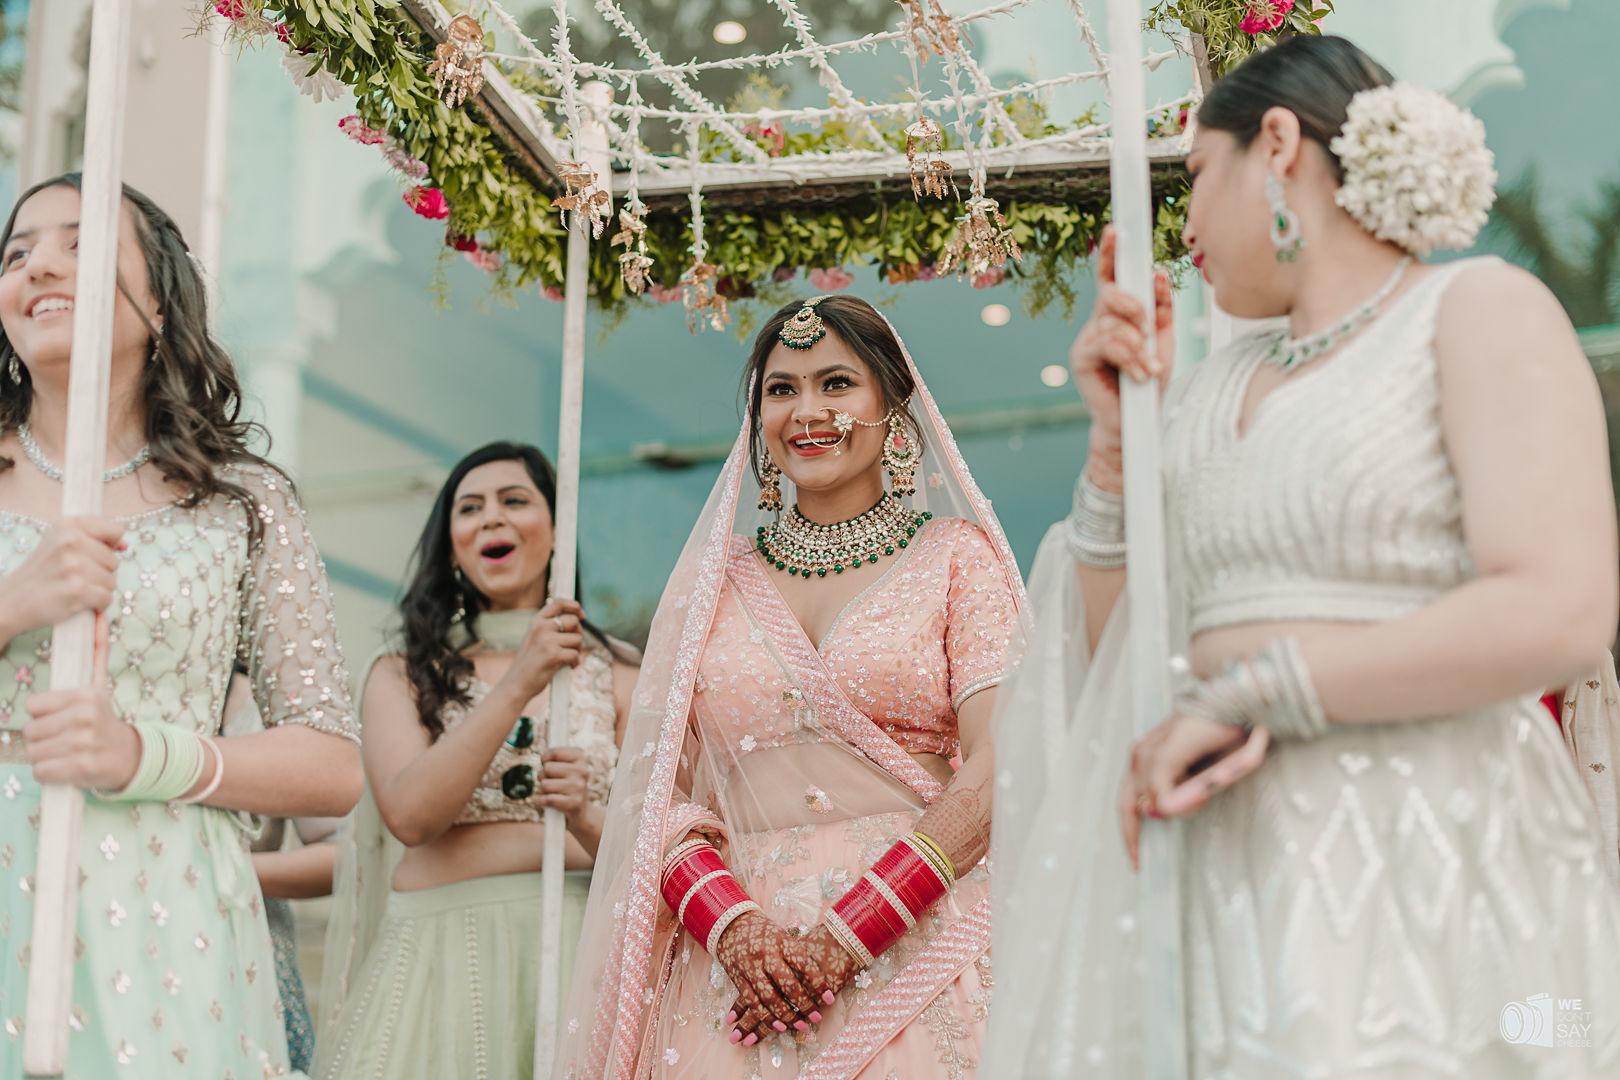 happy bride in peach bridal lehenga